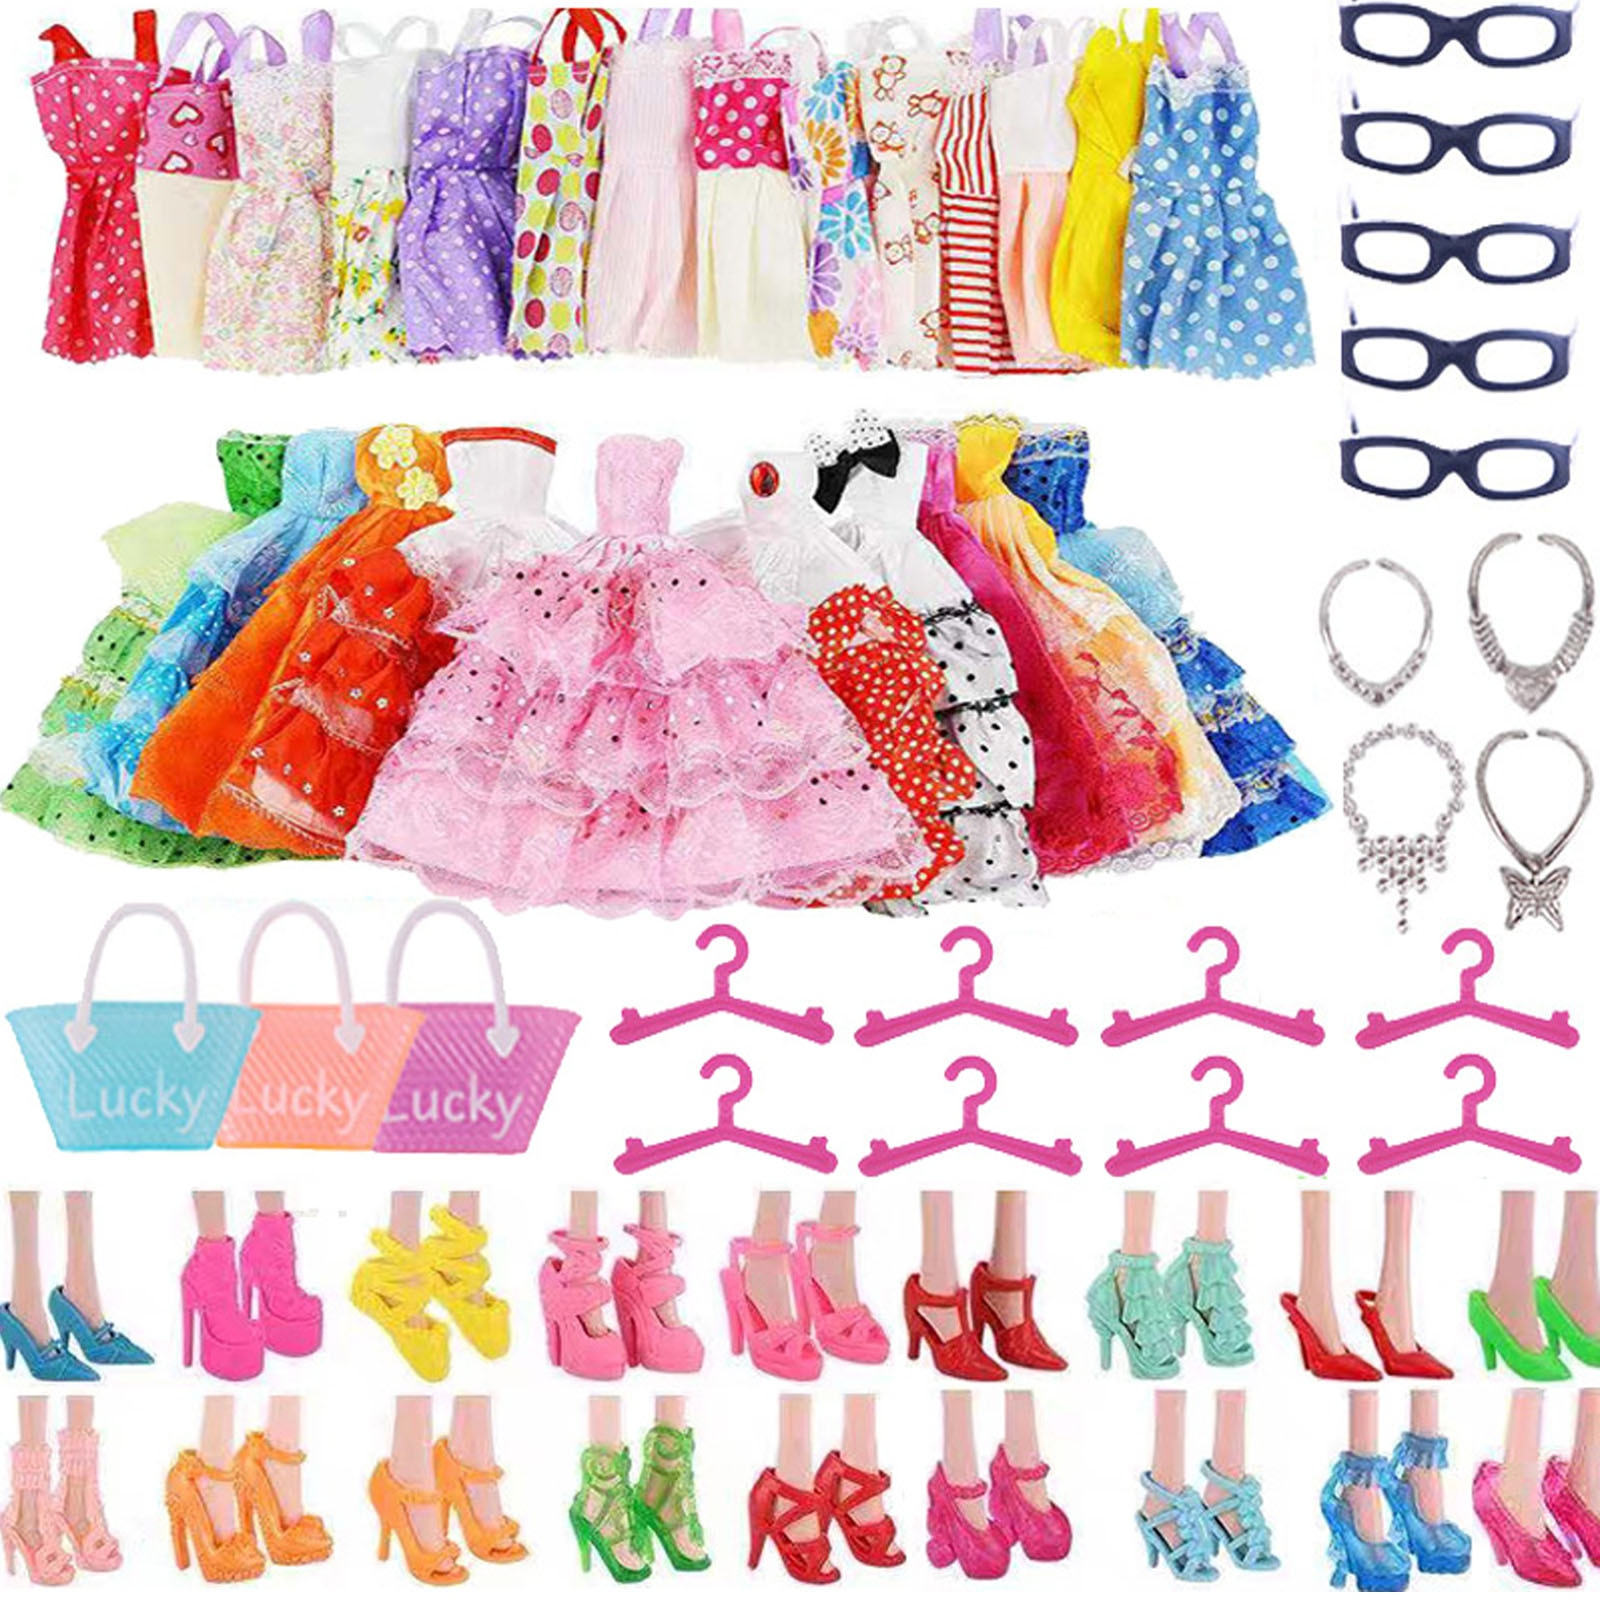 Барби Кукла Одежда Аксессуары для Барби кукольная обувь мини платье сумки Корона вешалки очки для Барби Кукла & 1/6 BJD Blyth